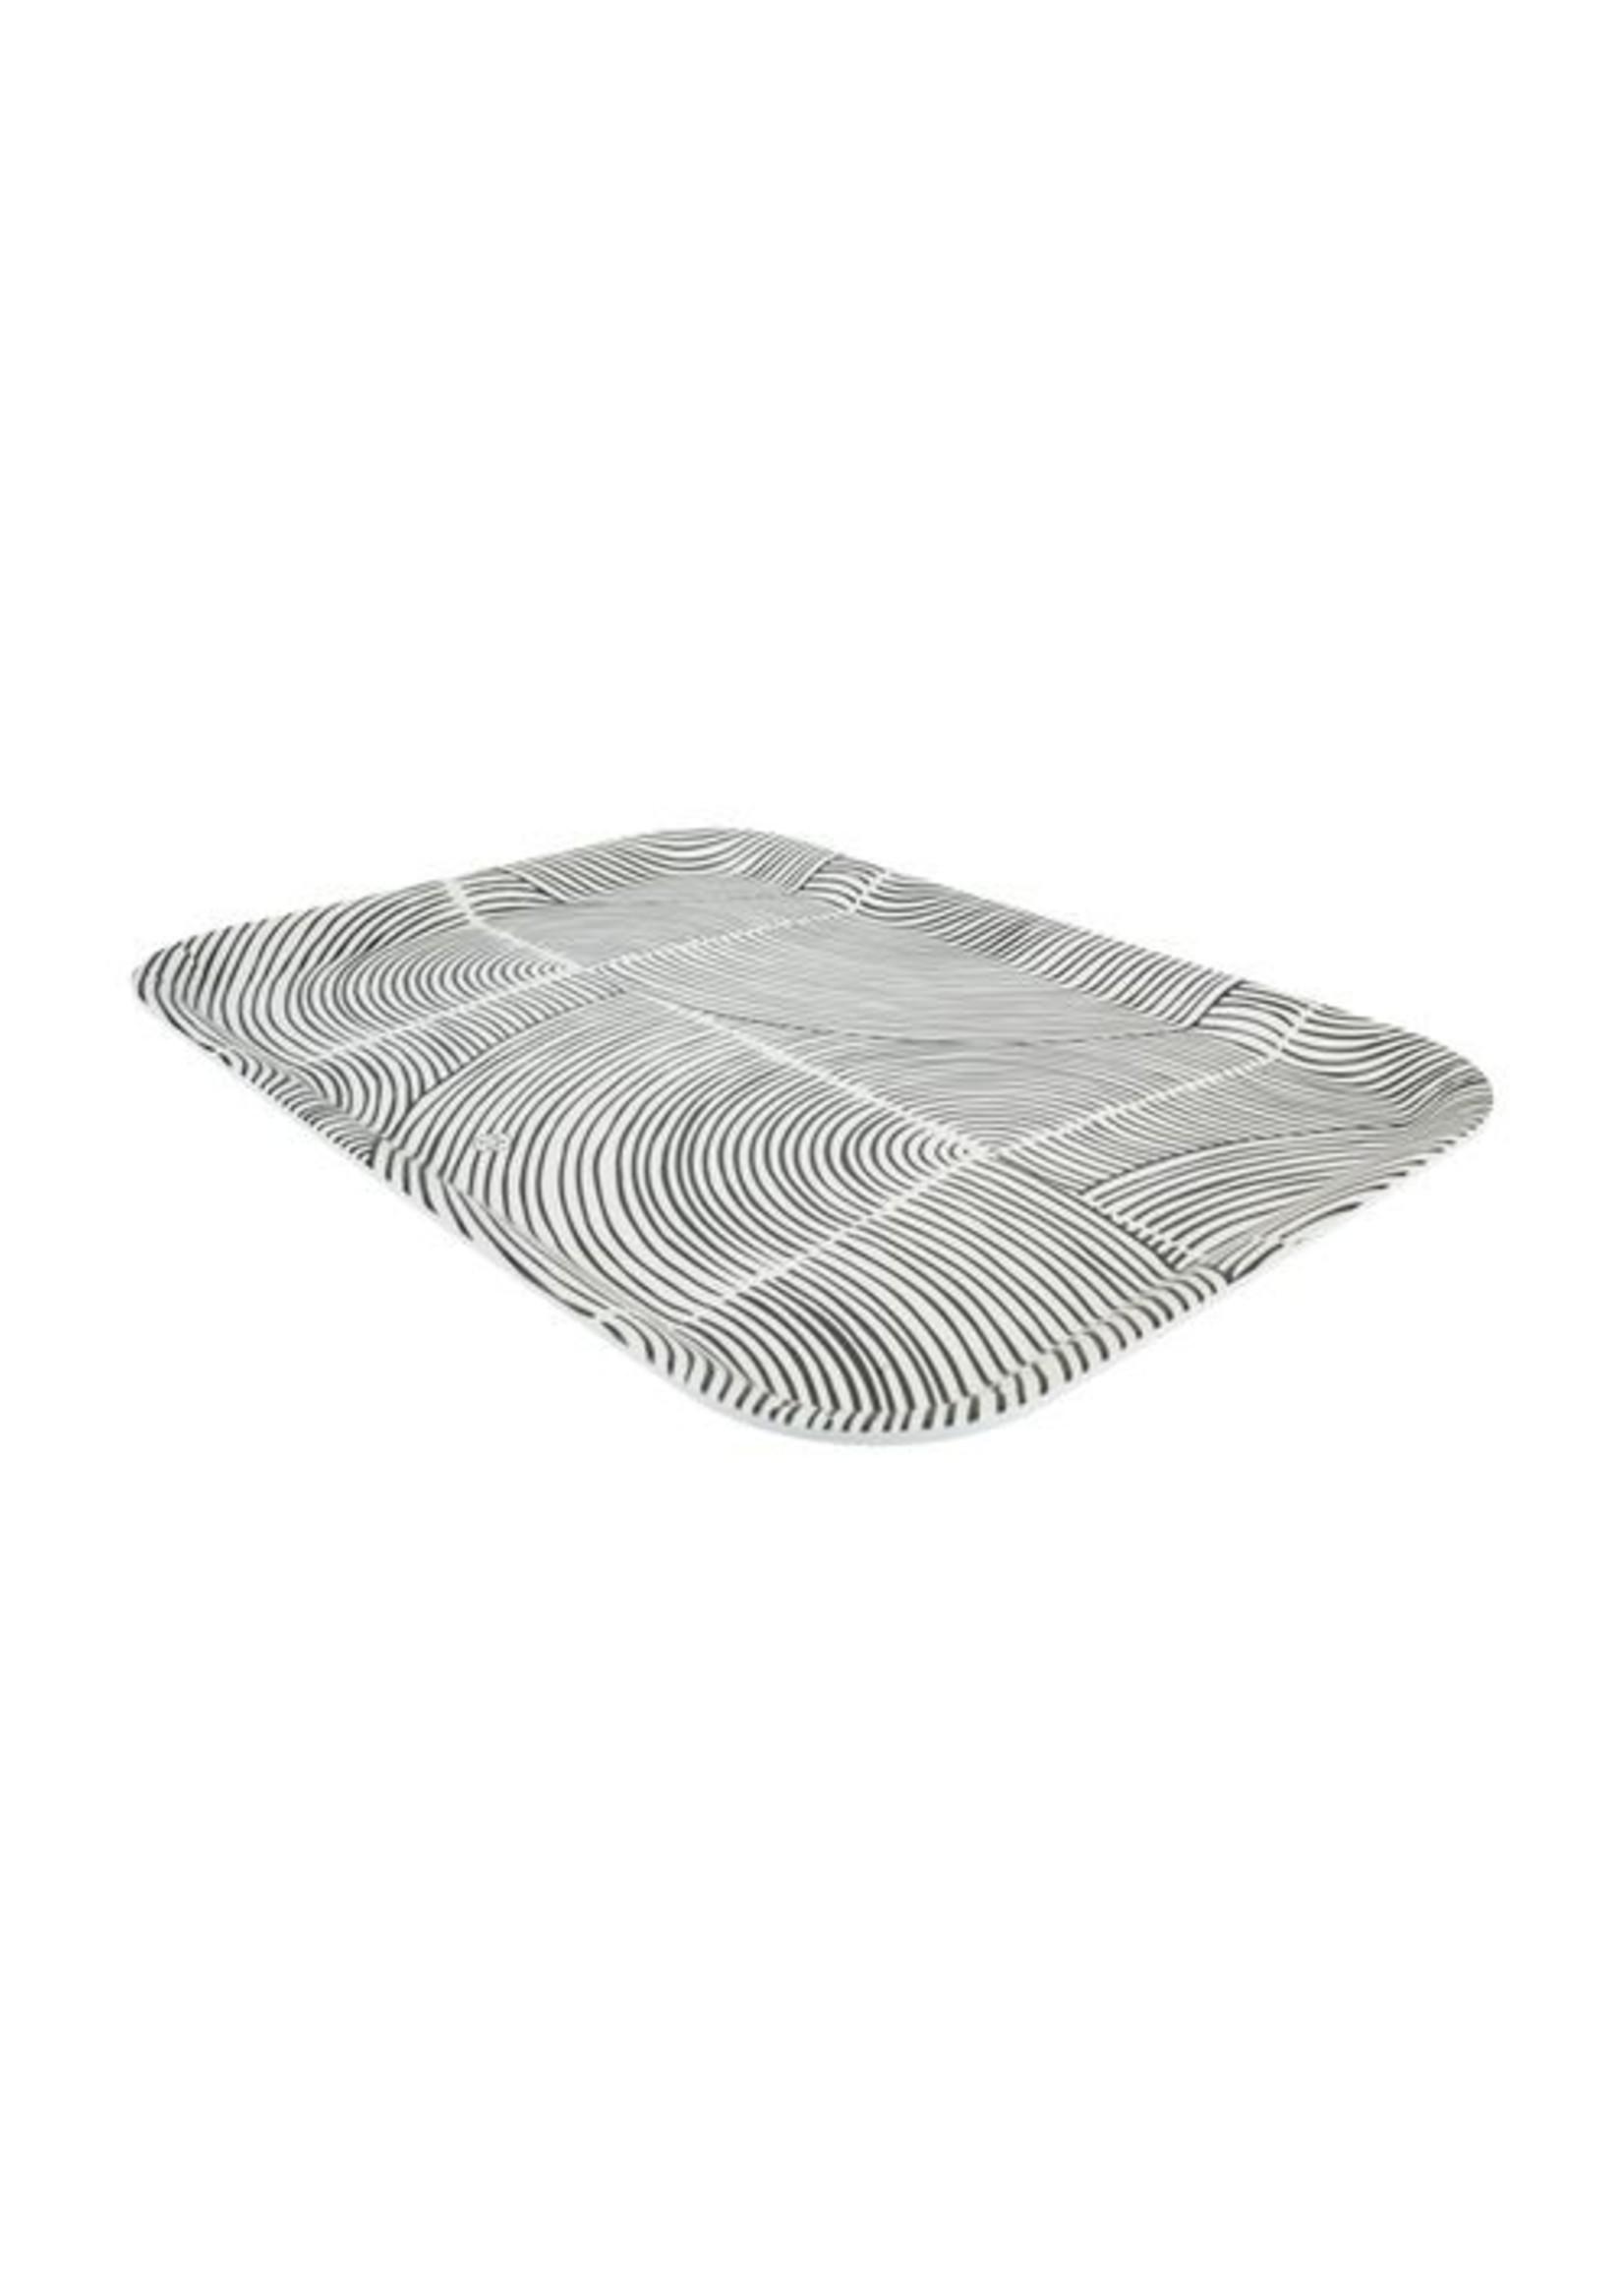 Zusss Melamine dienblad grafisch patroon 43x32cm zand